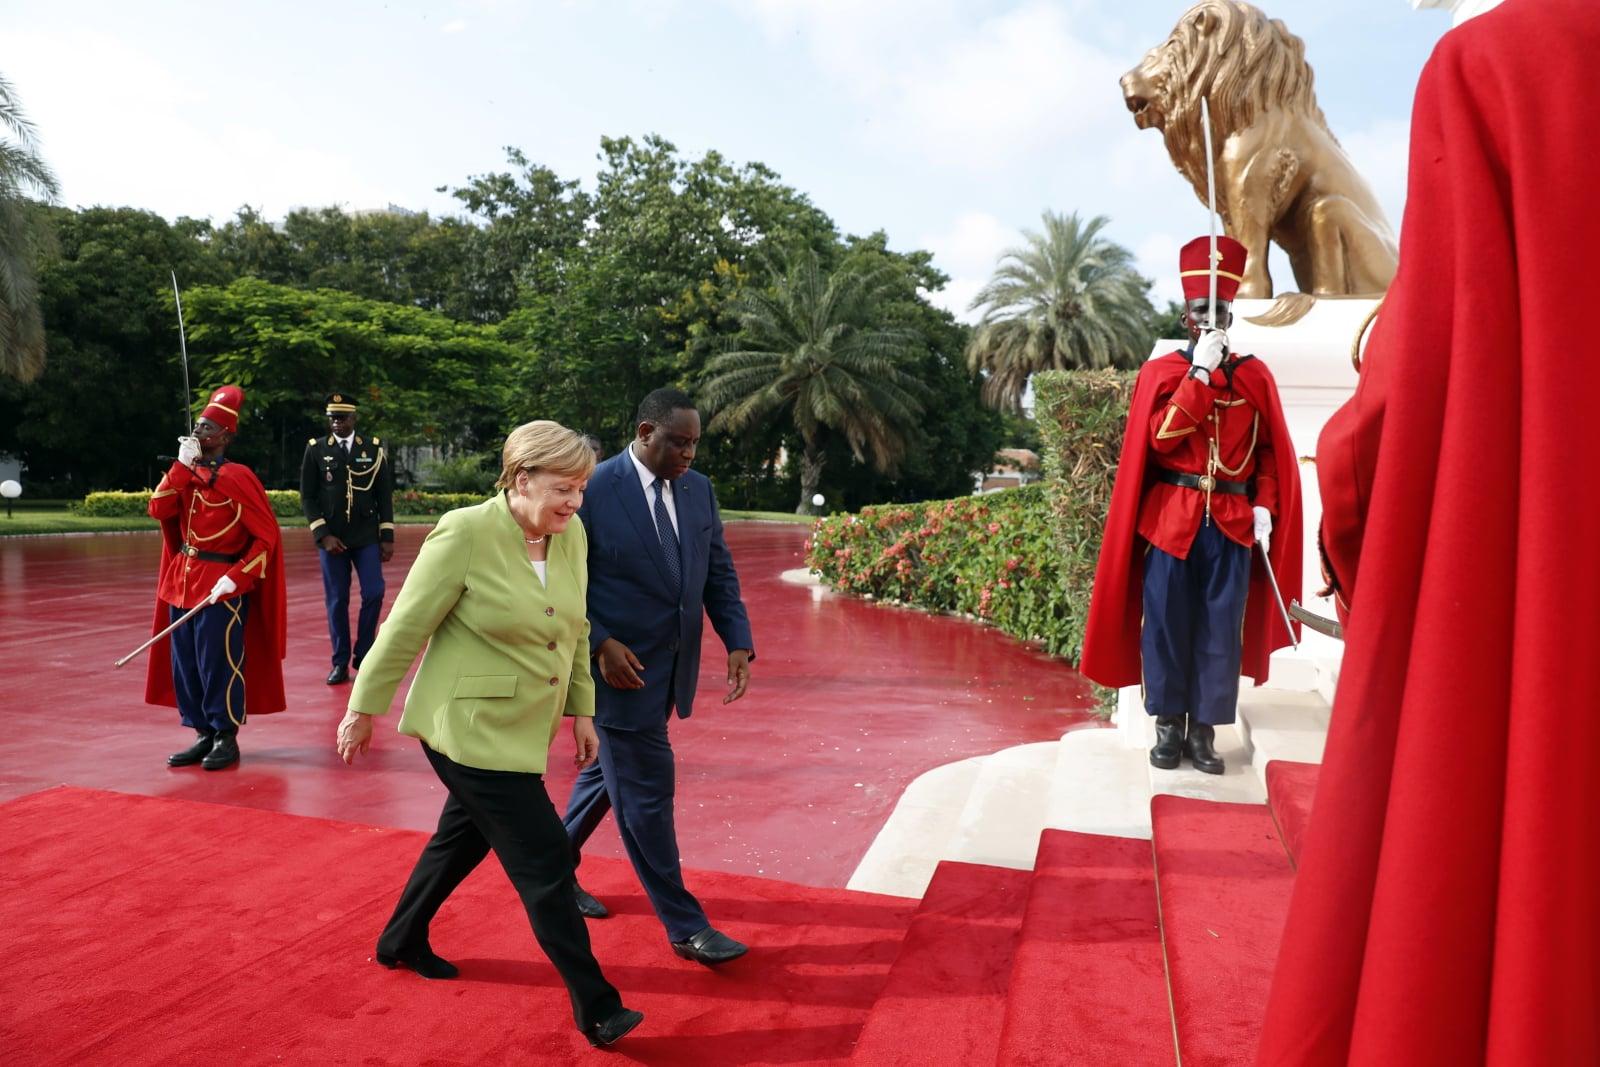 Kanclerz Niemiec Angela Merkel z wizytą w Senegalu Fot.PAP/EPA/FELIPE TRUEBA